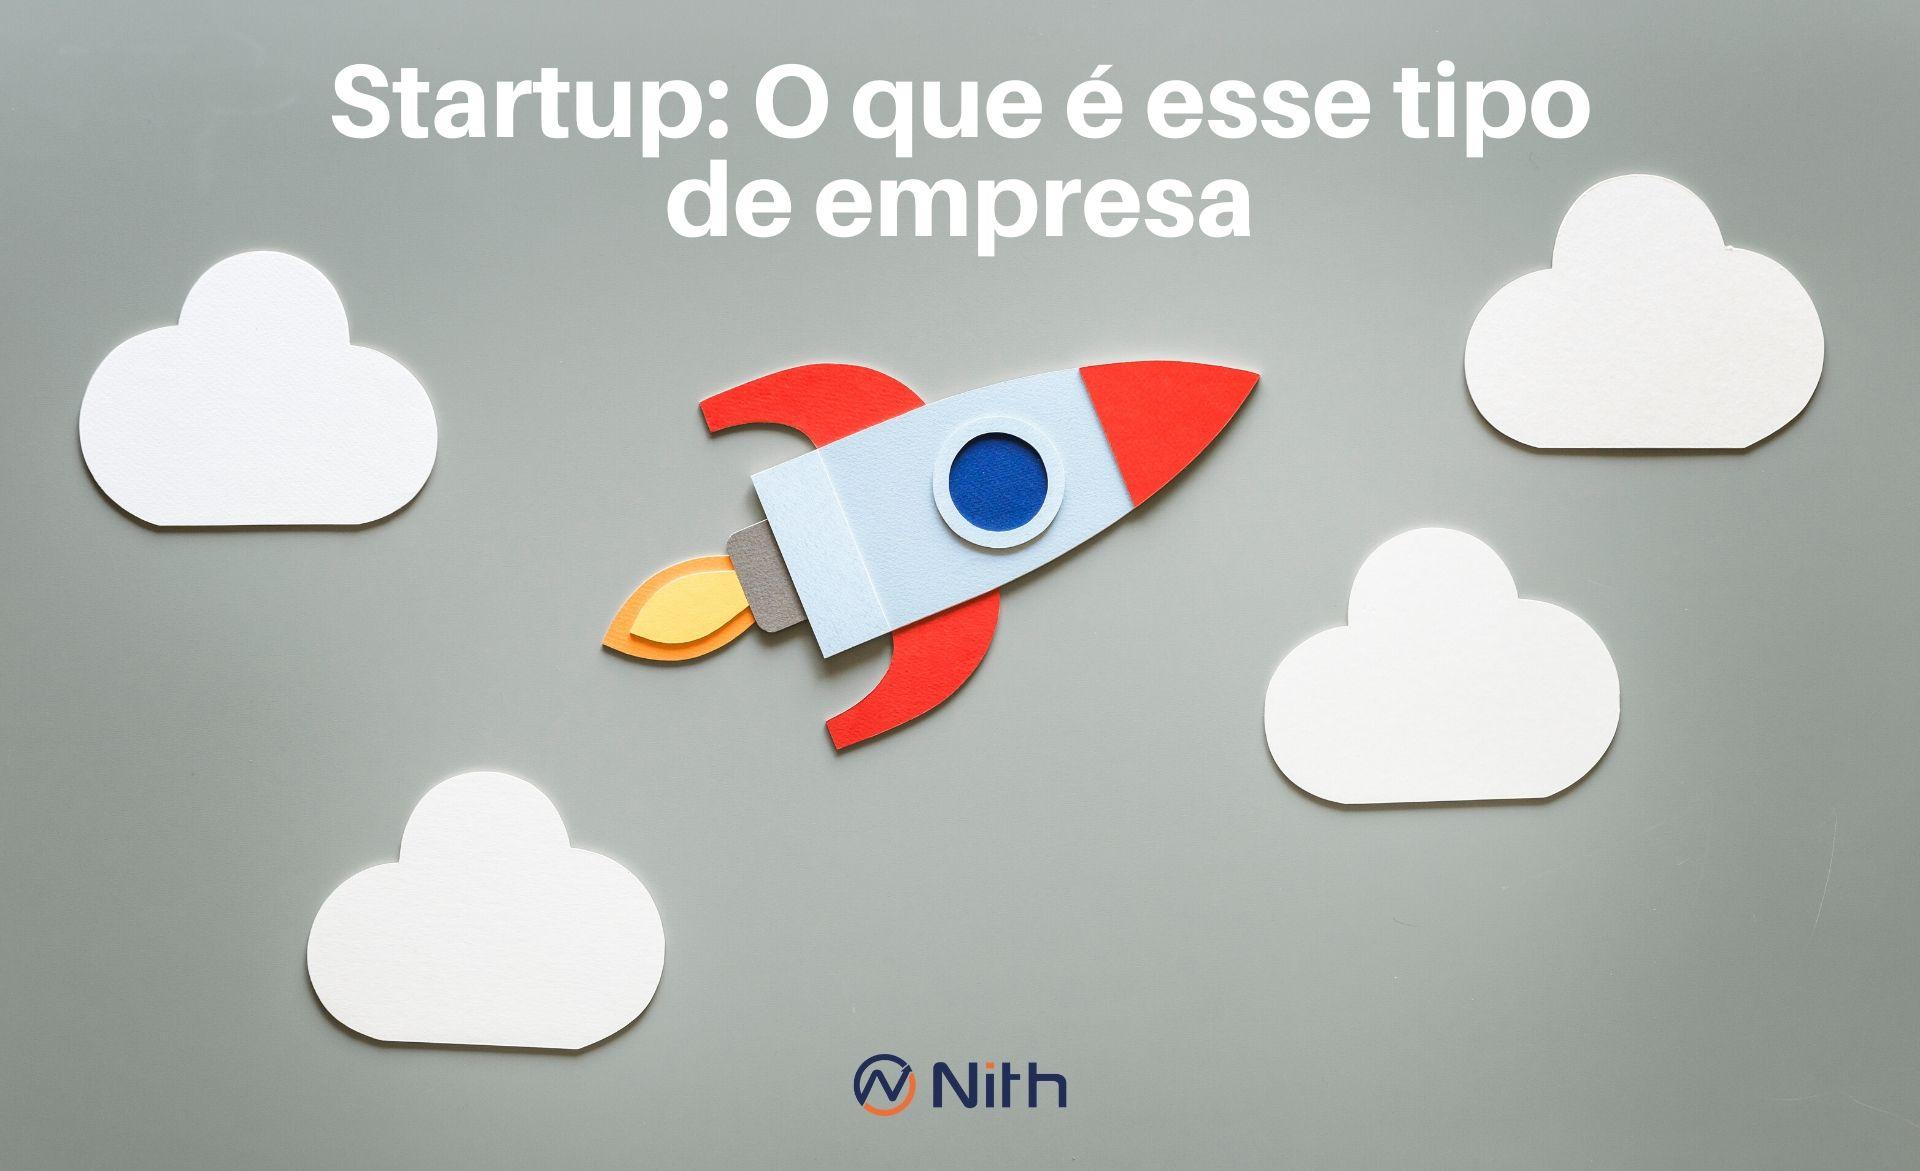 Startup: O que é esse tipo de empresa?